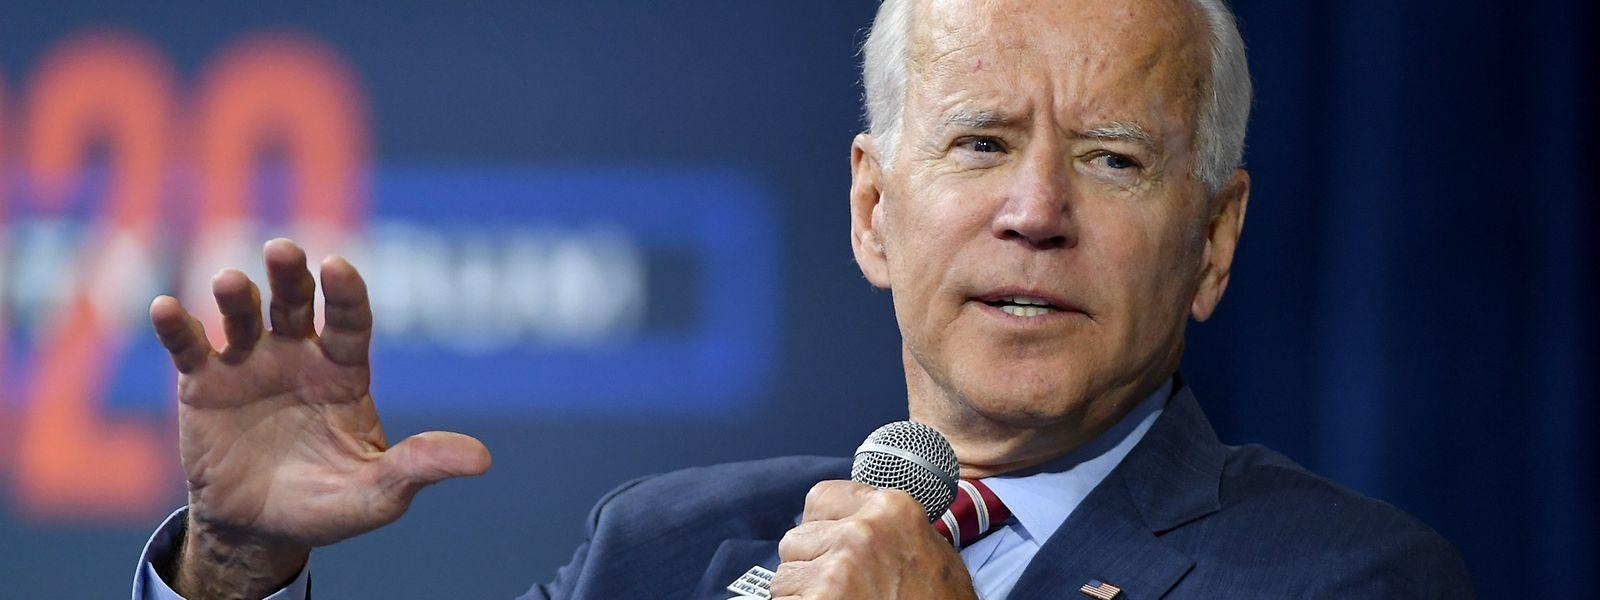 Biden wehrte sich am Mittwoch vehement gegen die Machenschaften des US-Präsidenten.